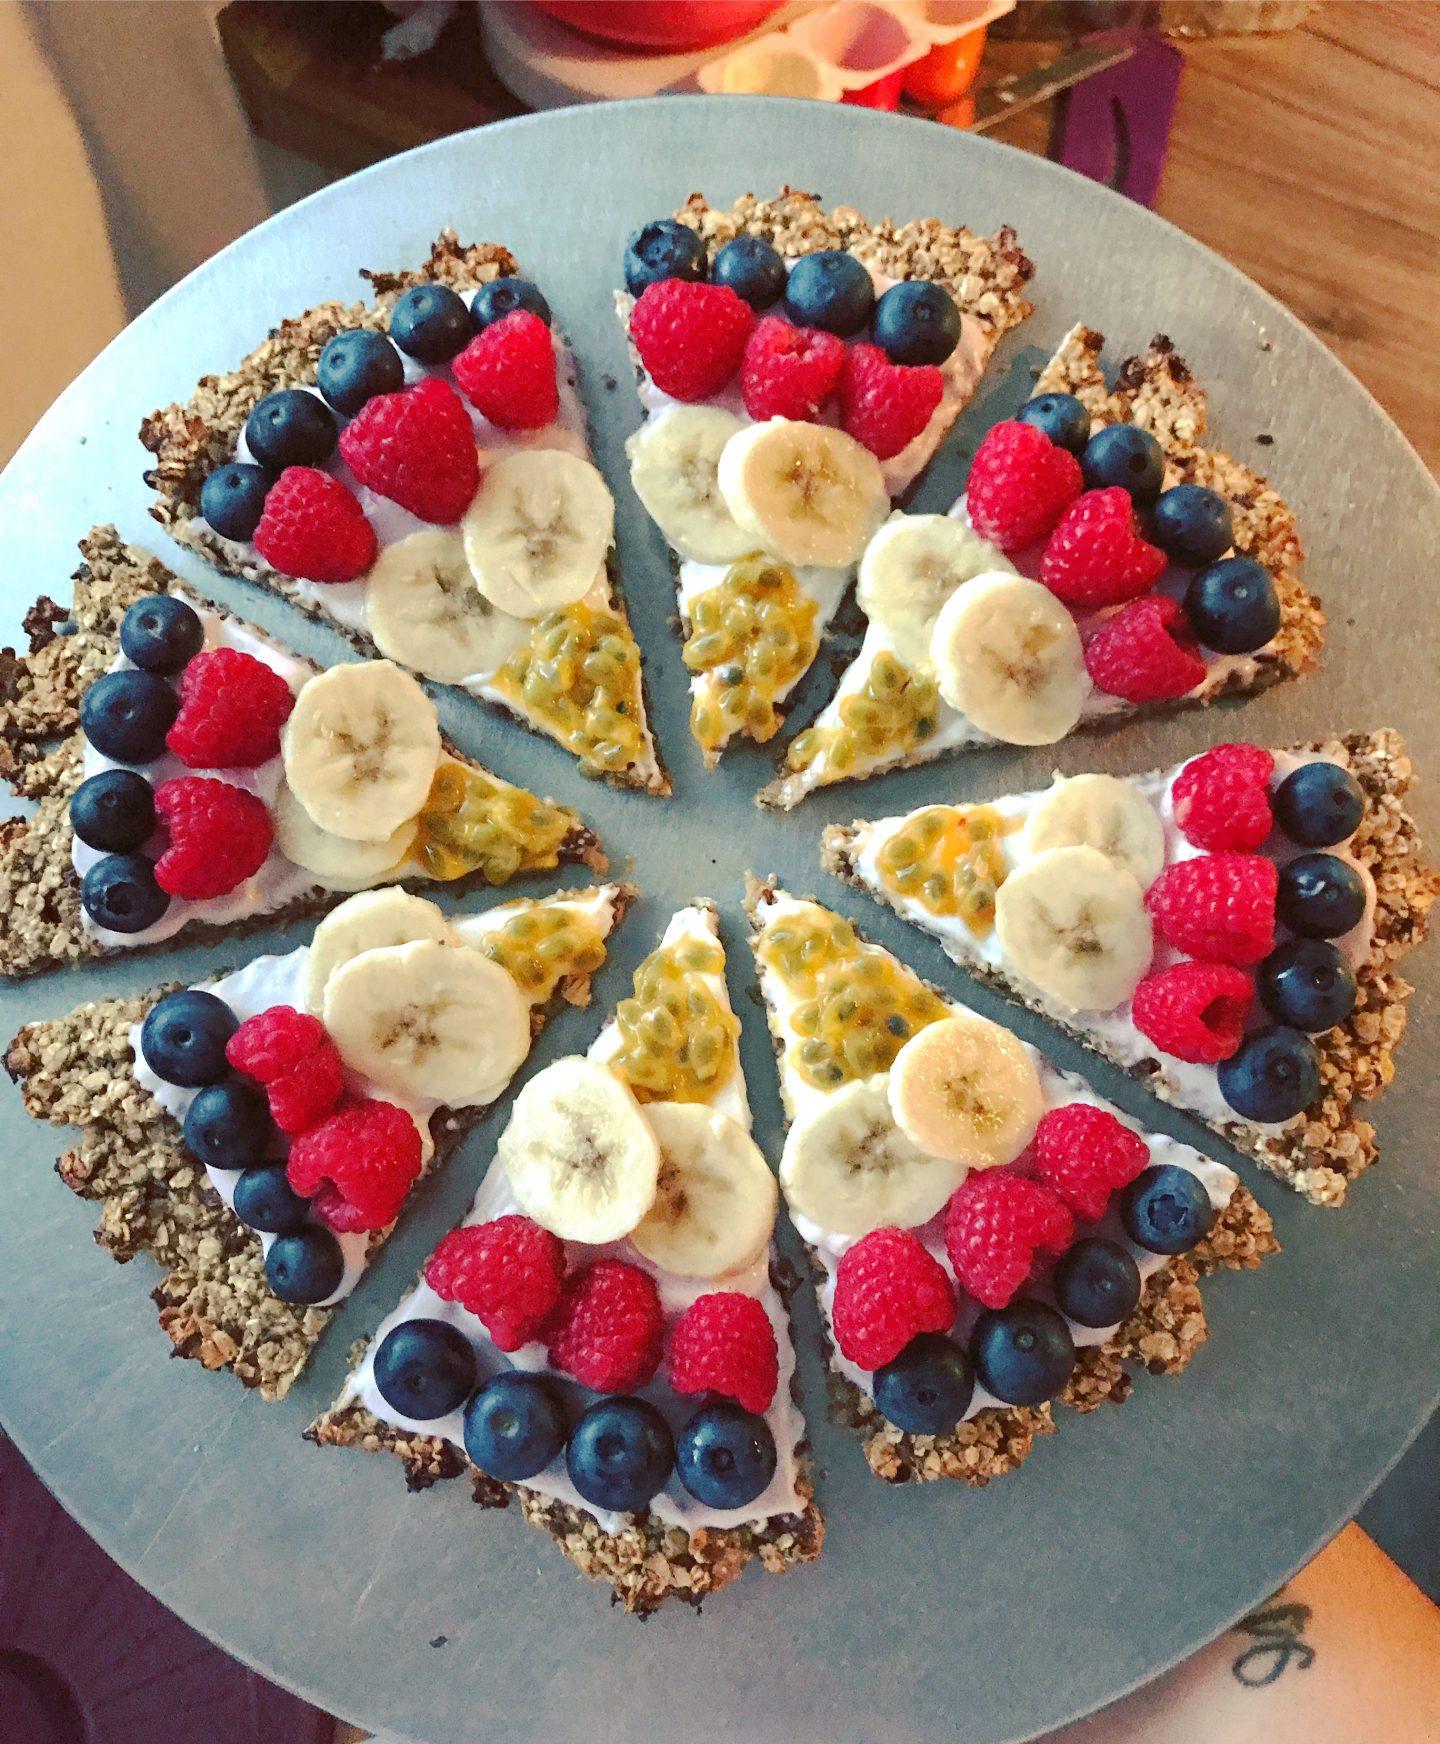 Frühstückspizza mit Haferflocken und Obst